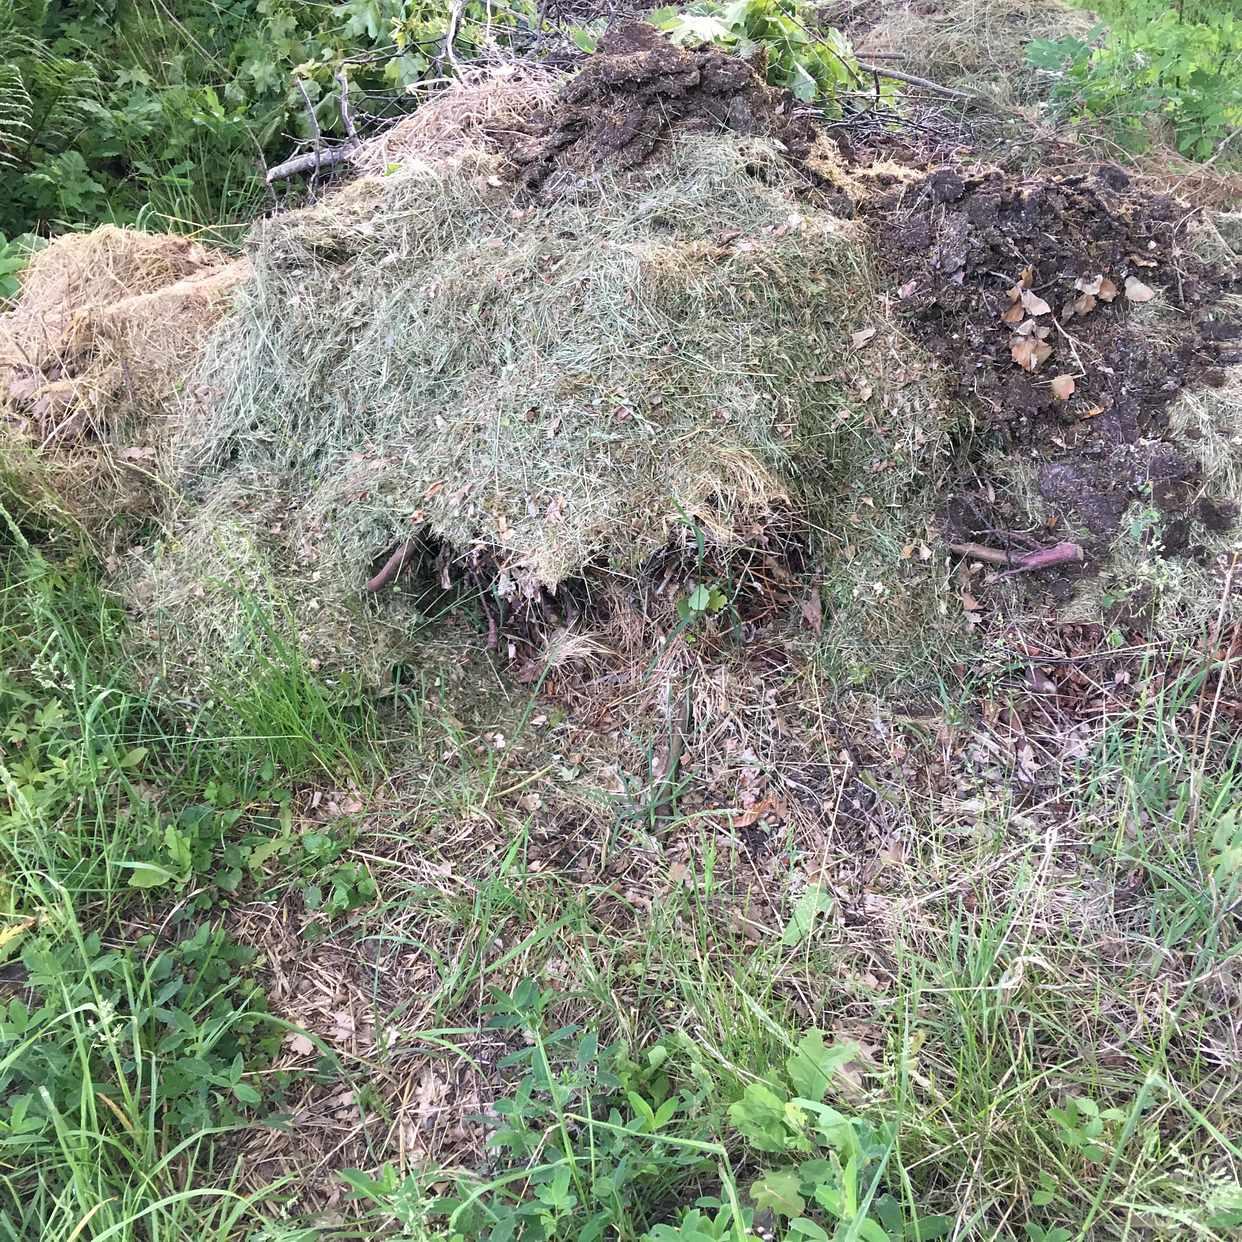 image of Två högar löv, gräs, gren - Värmdö